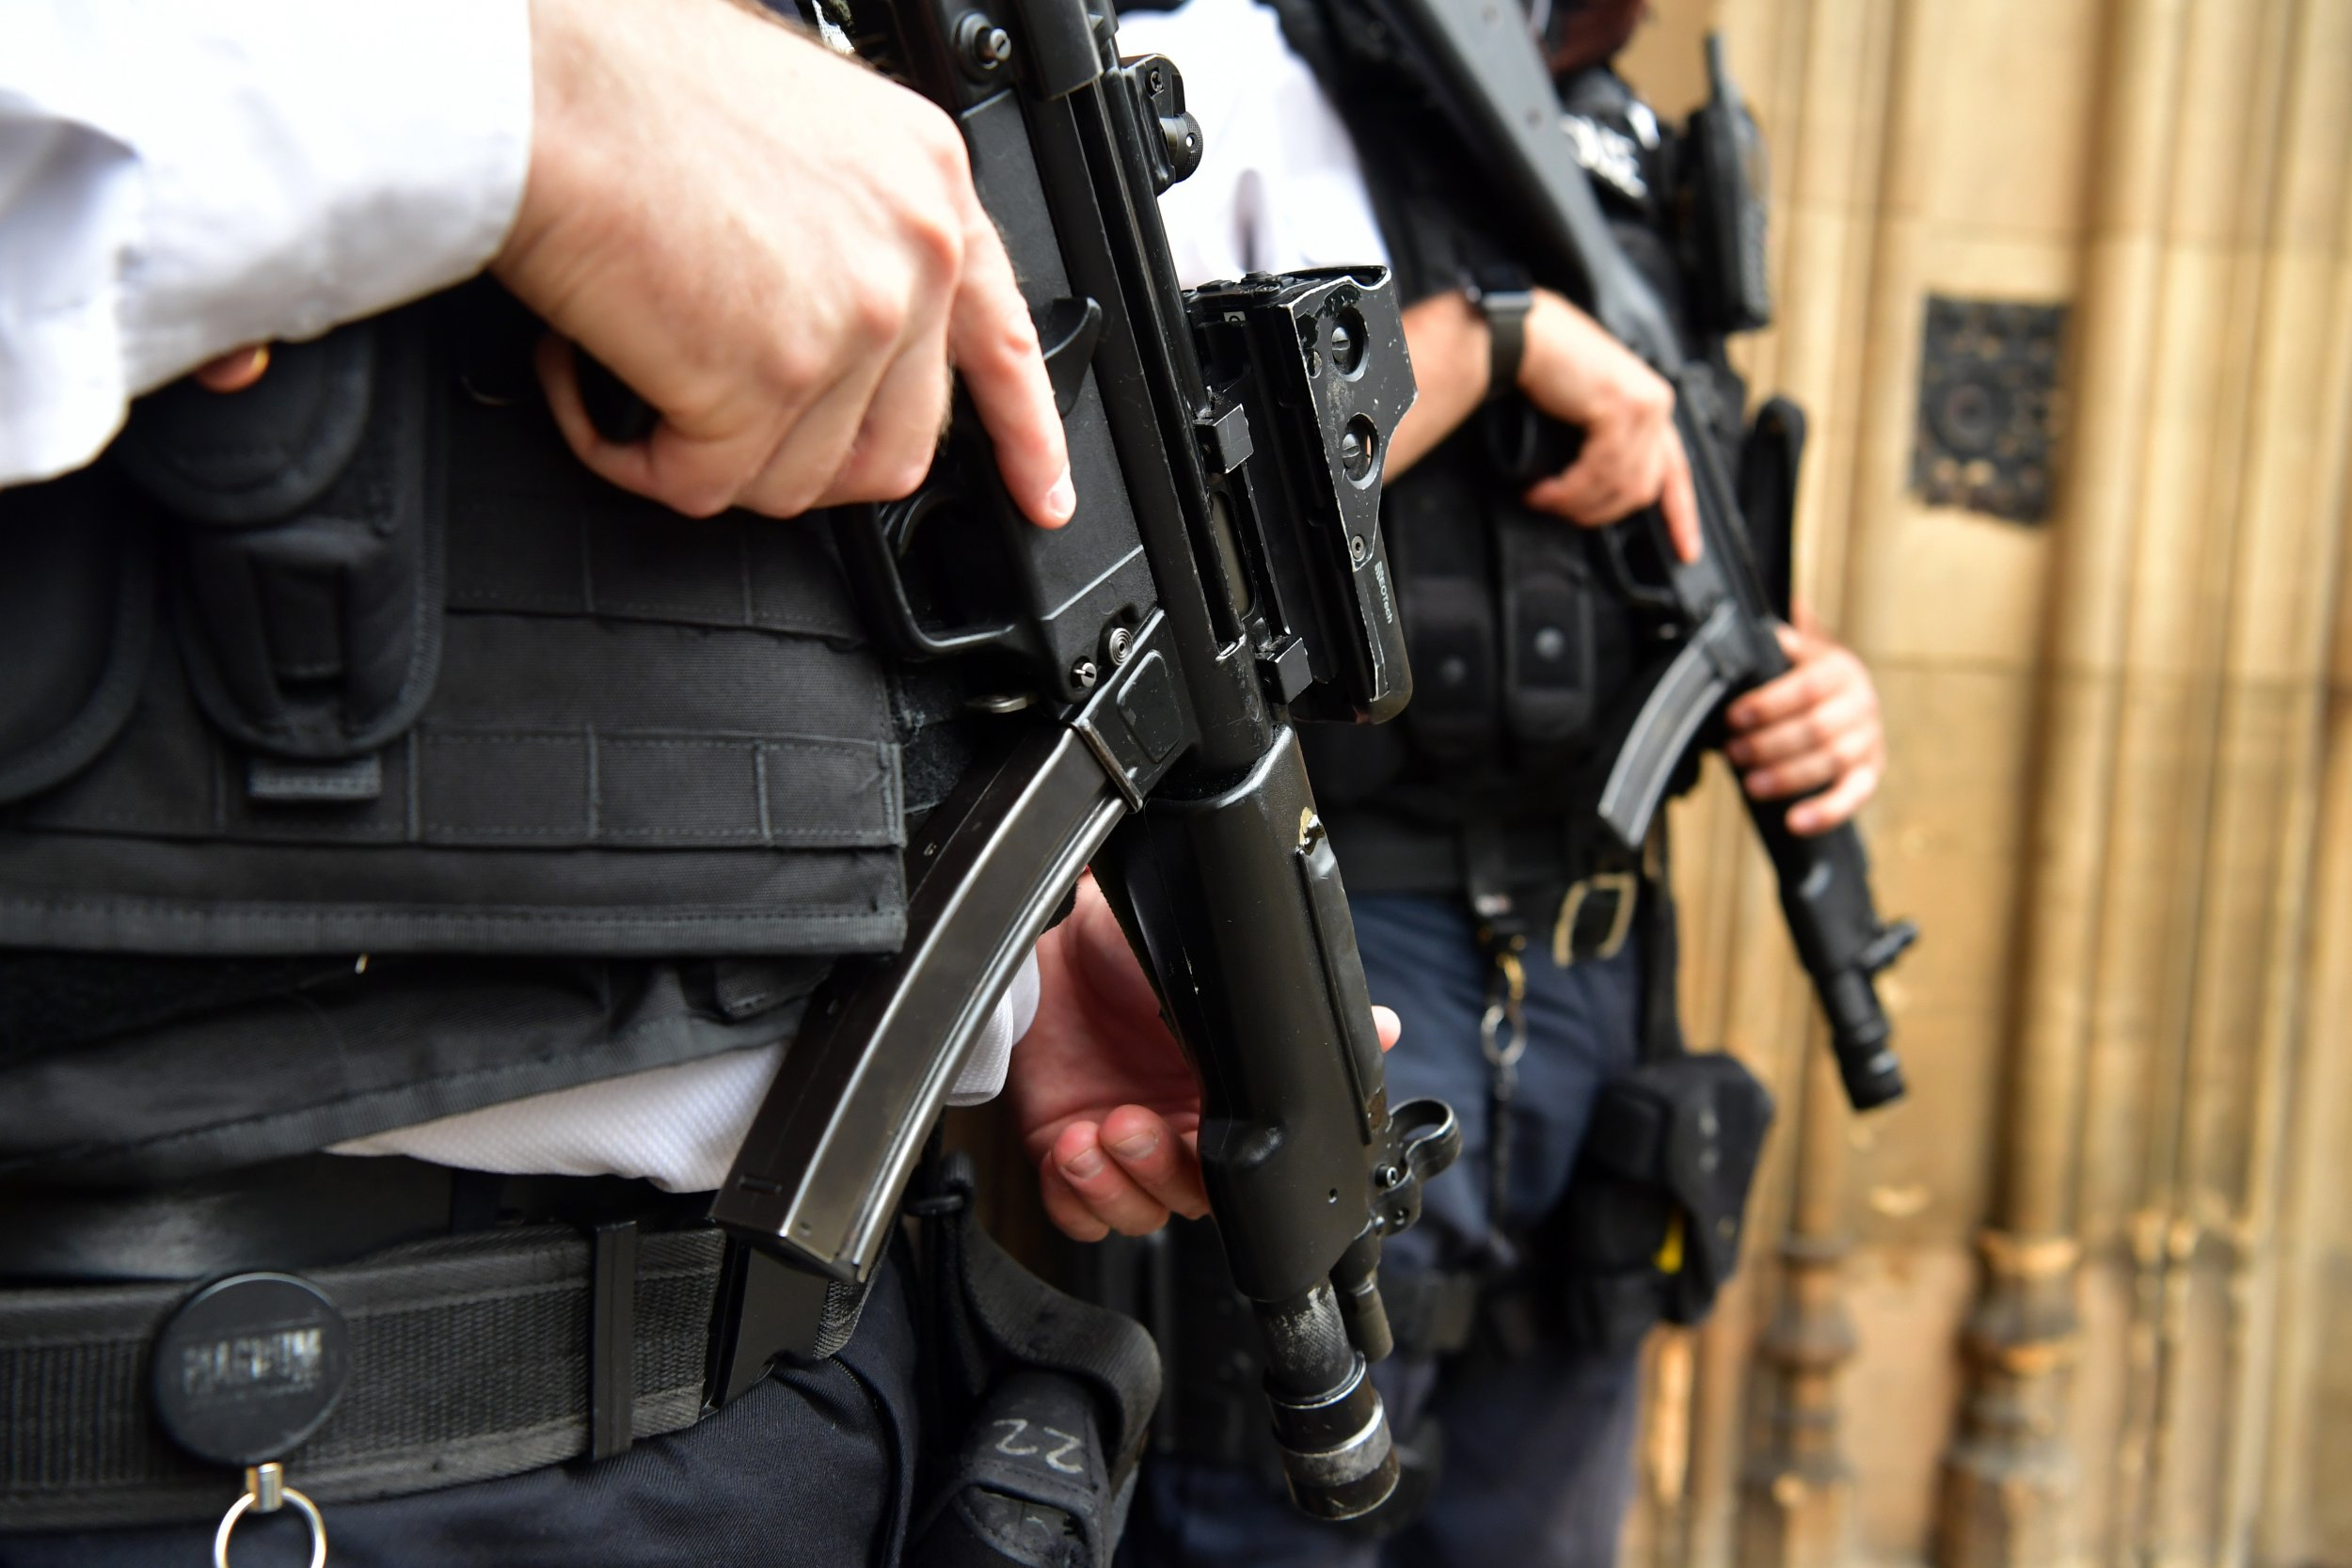 UK Britain London ISIS Attacks